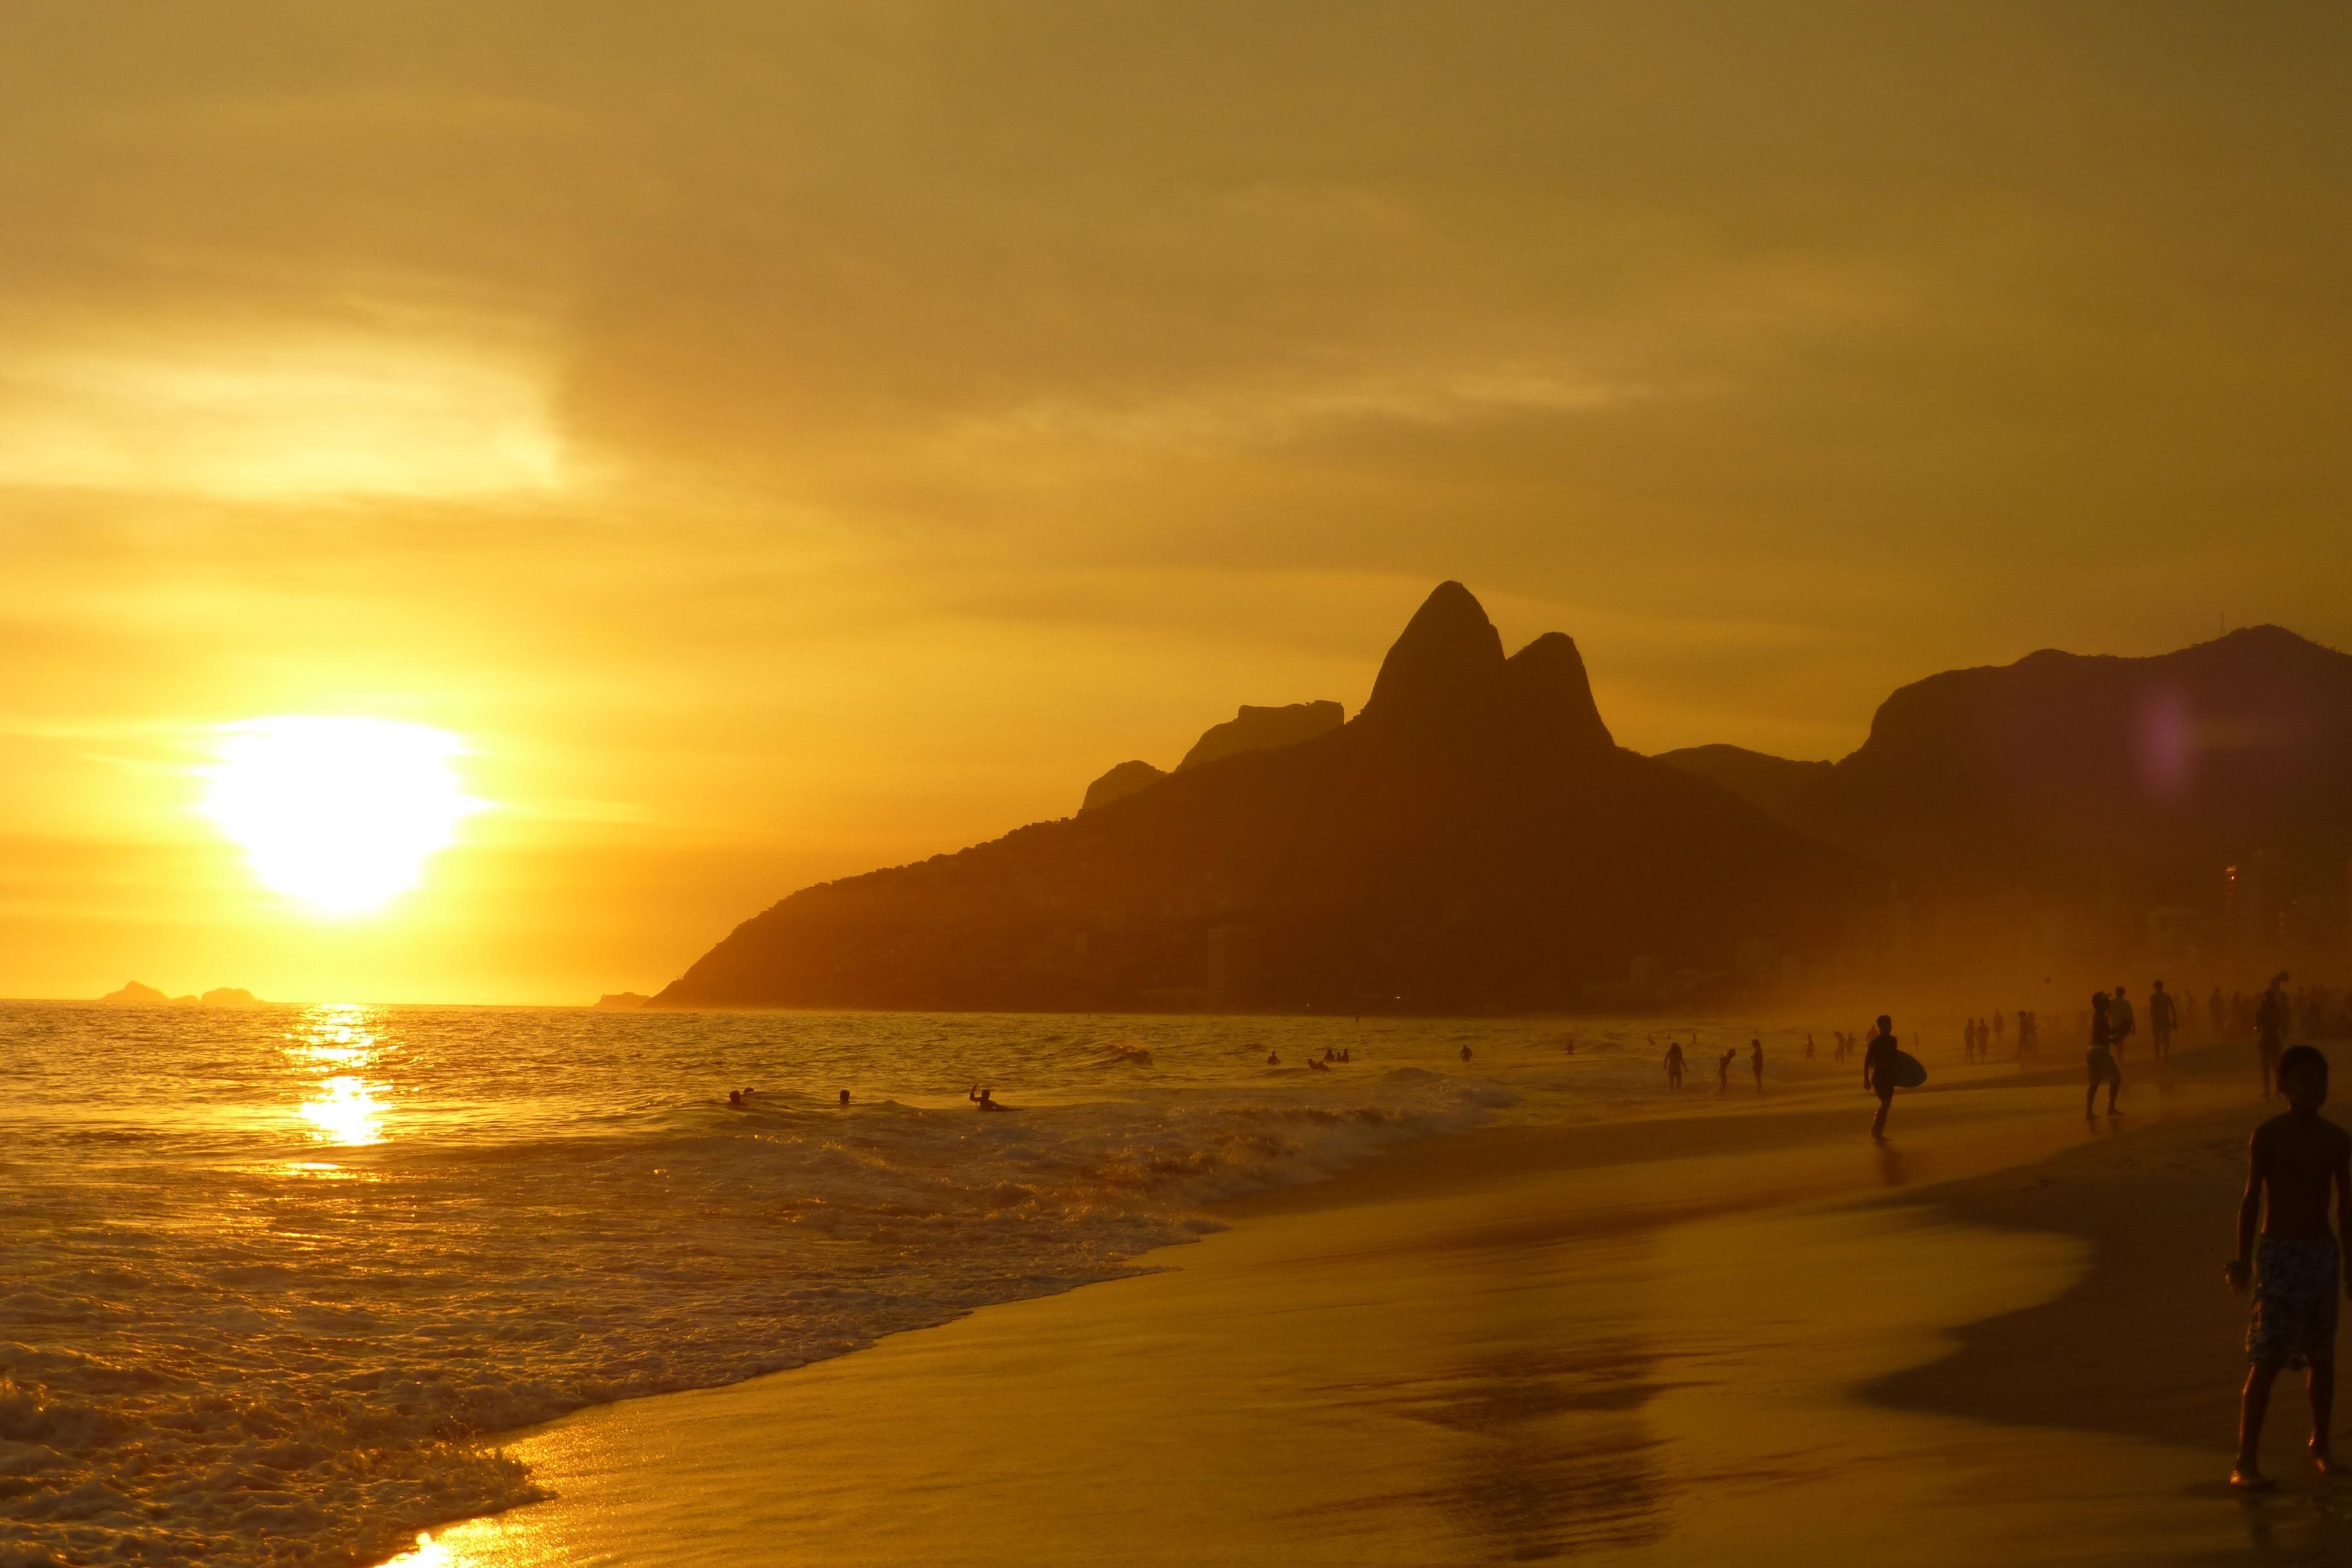 Trajano de Morais - Rio de Janeiro